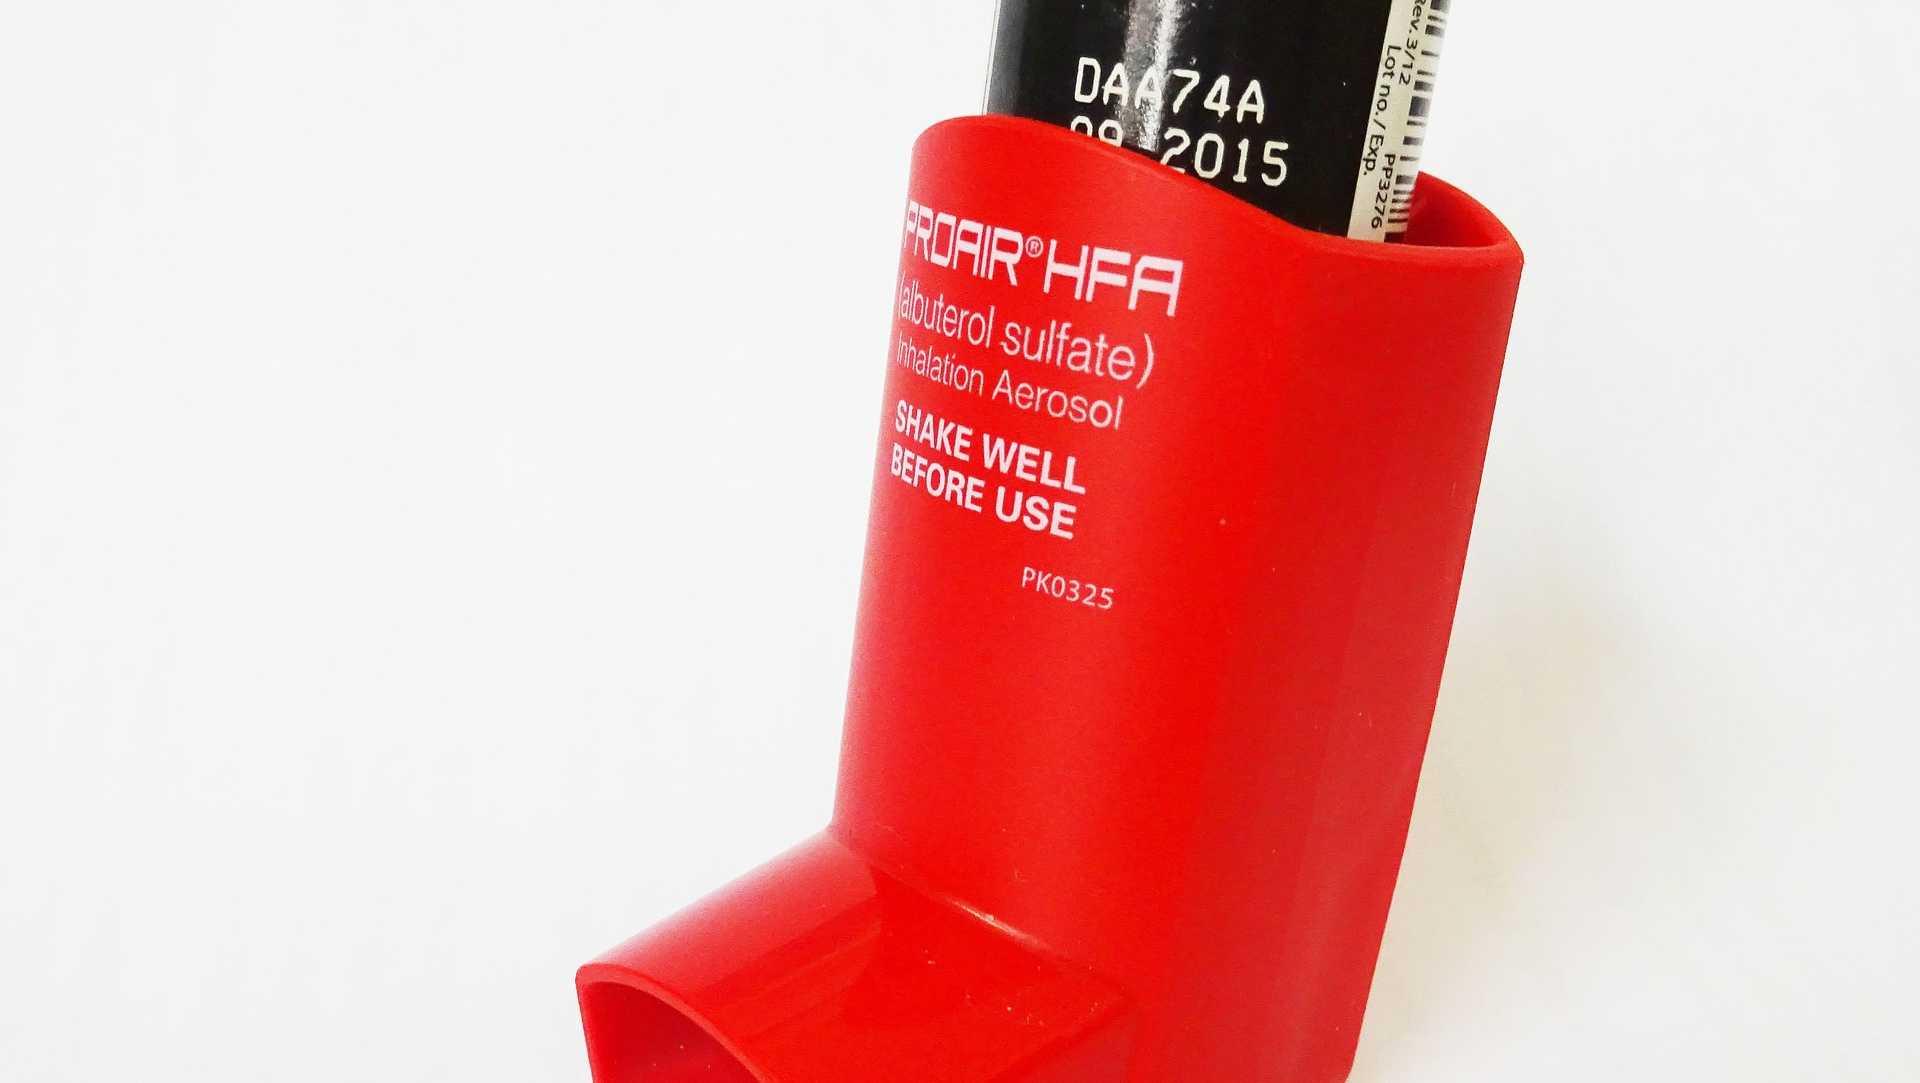 File image of an inhaler